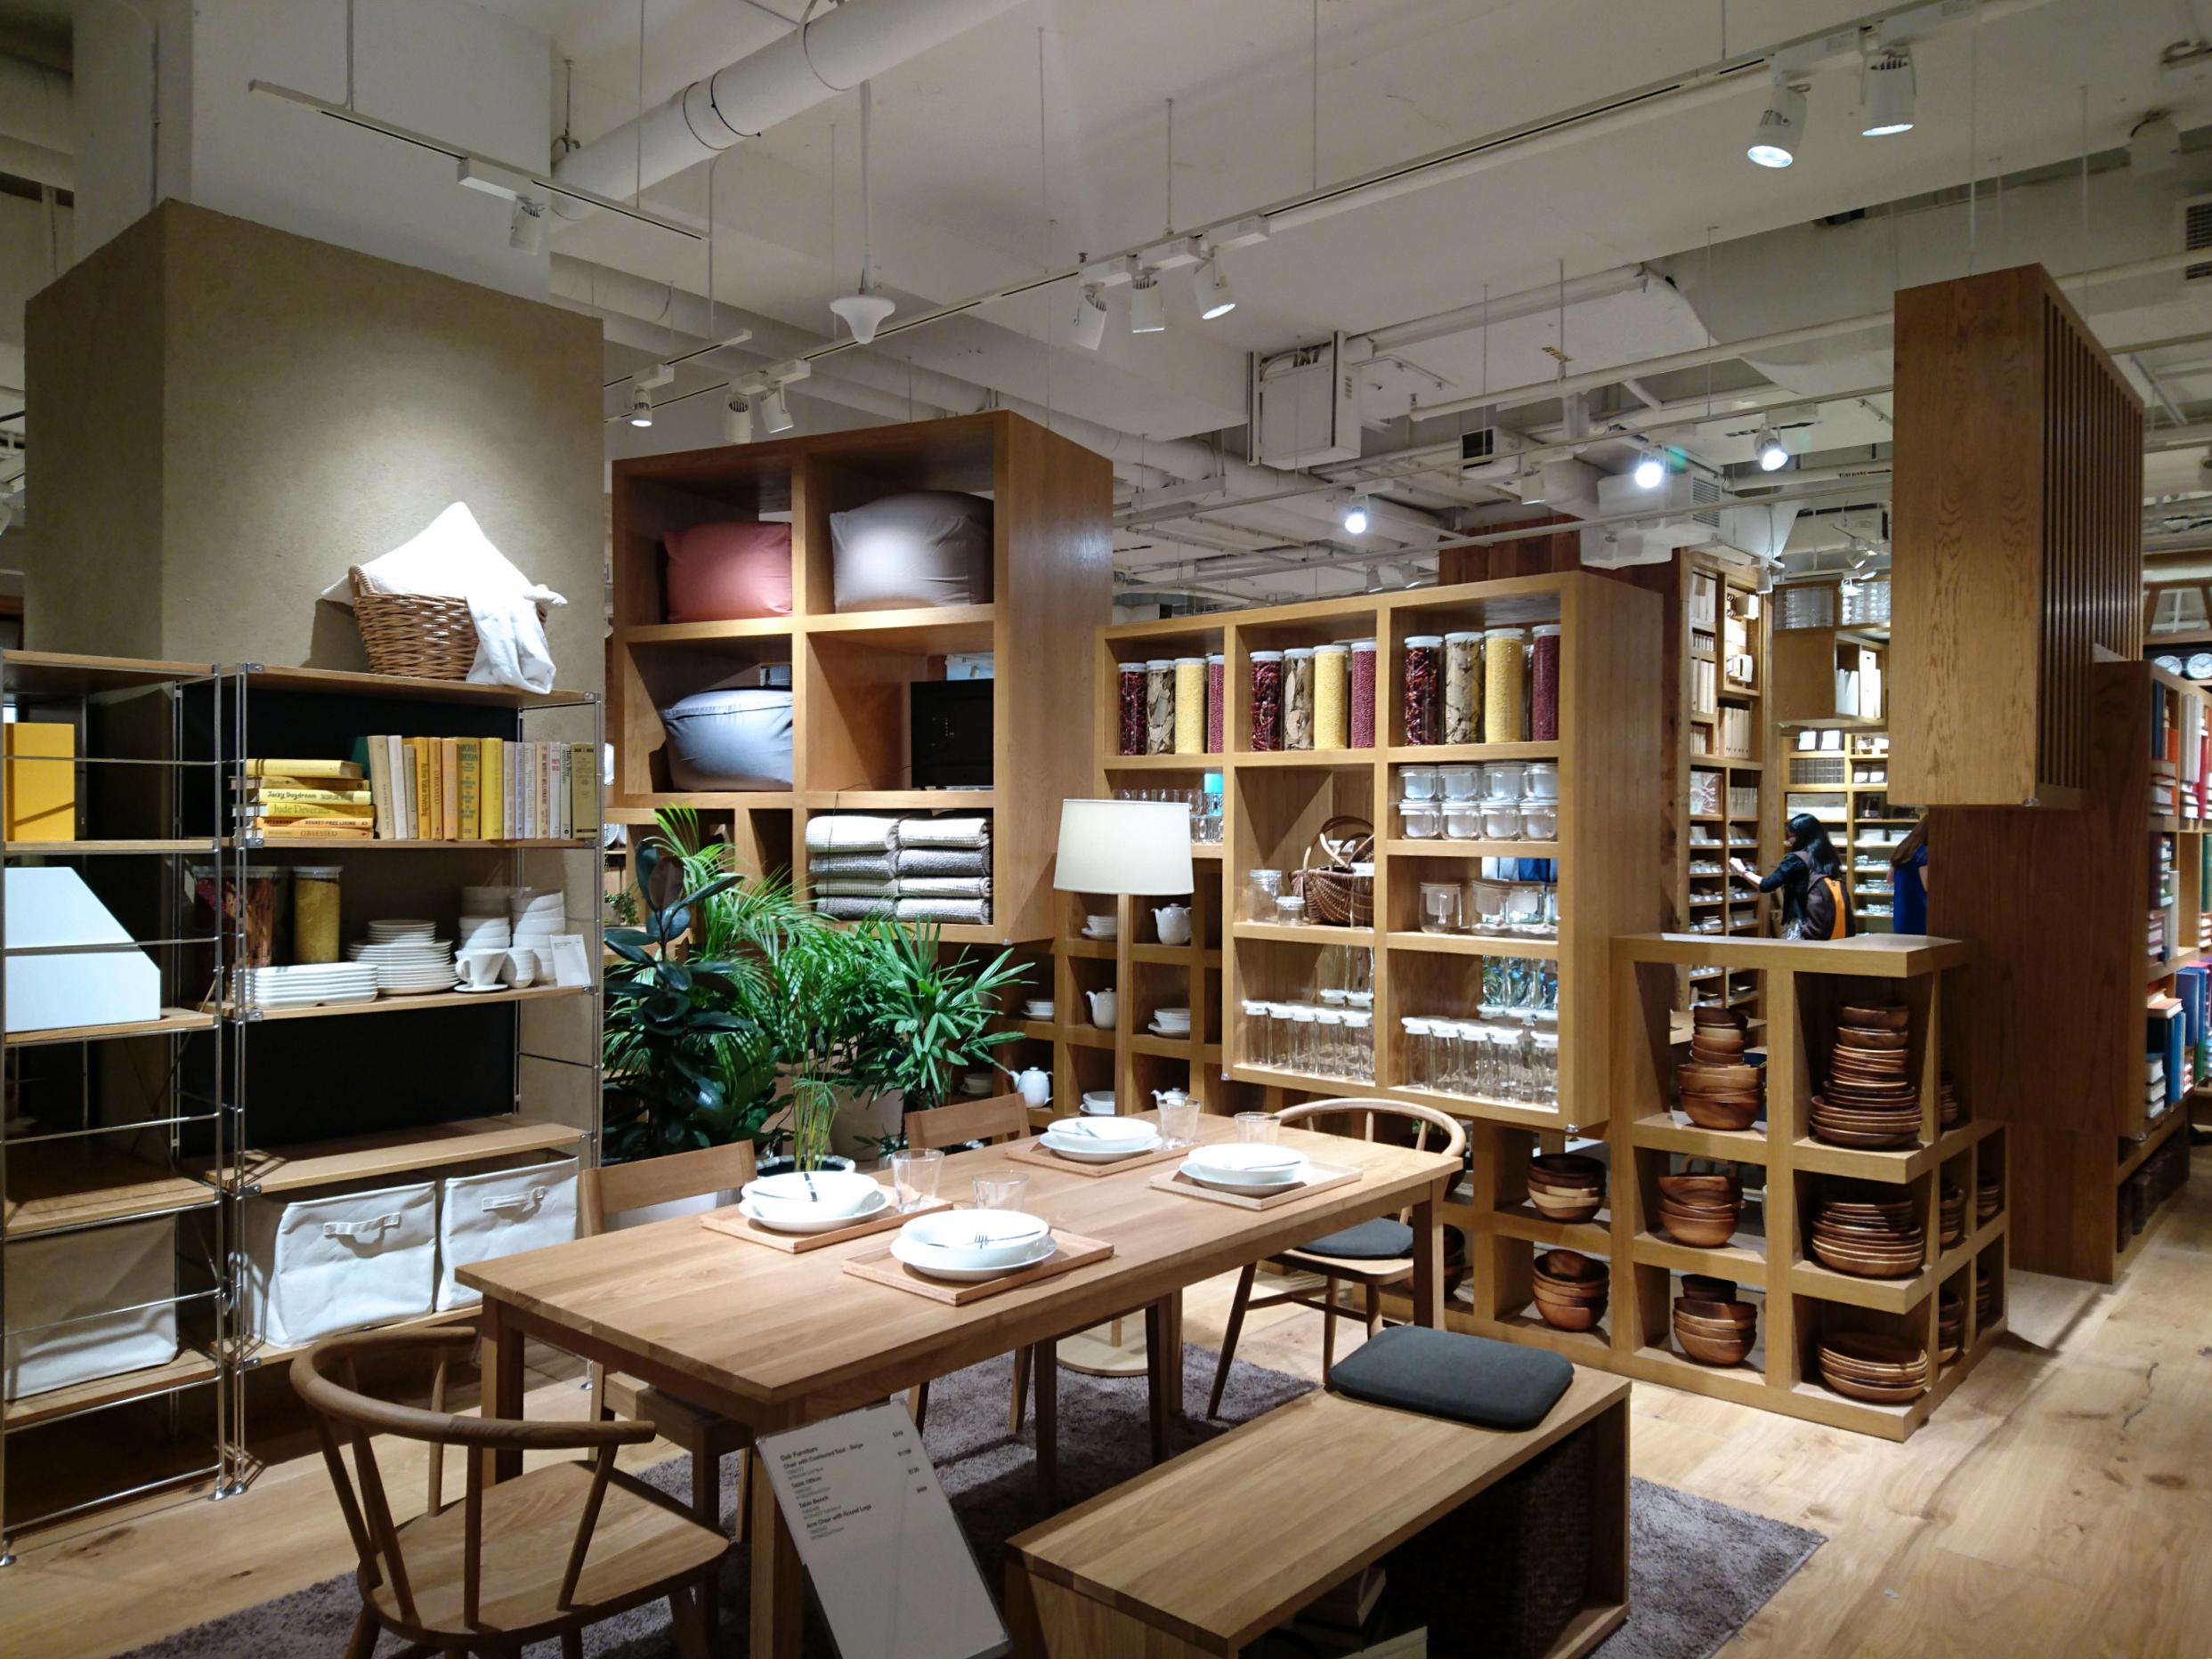 MUJI furniture and furnishing